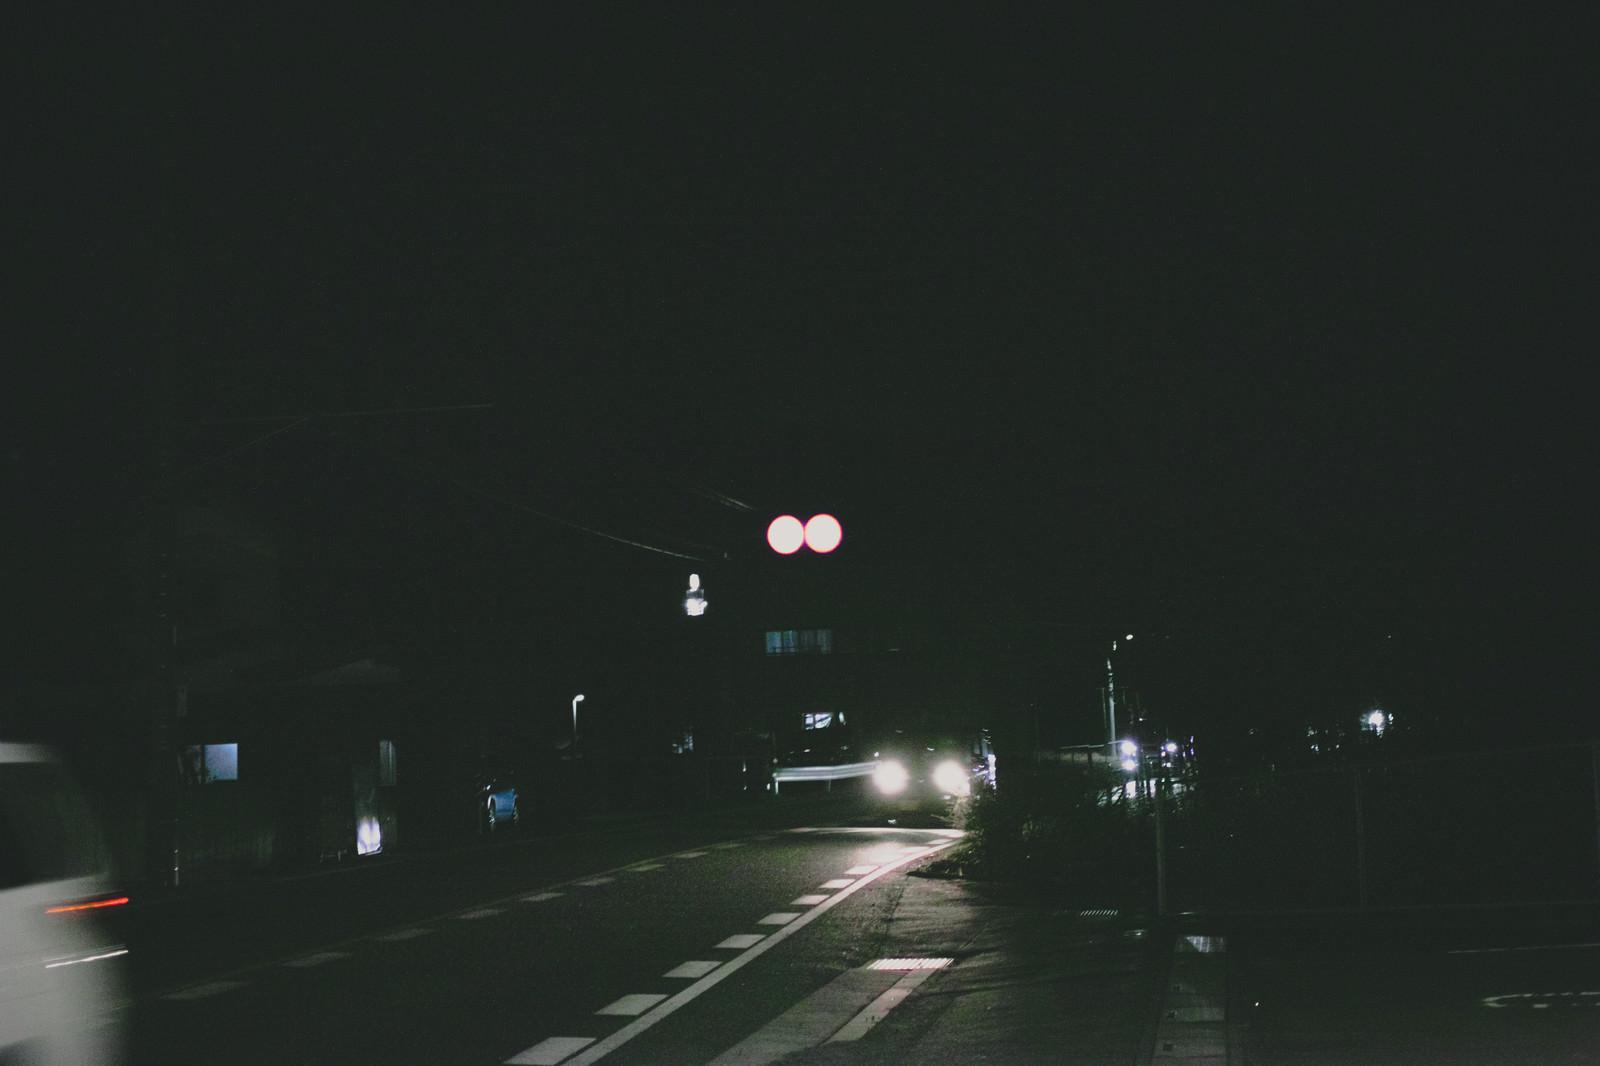 「夜間走行する車のヘッドライト」の写真